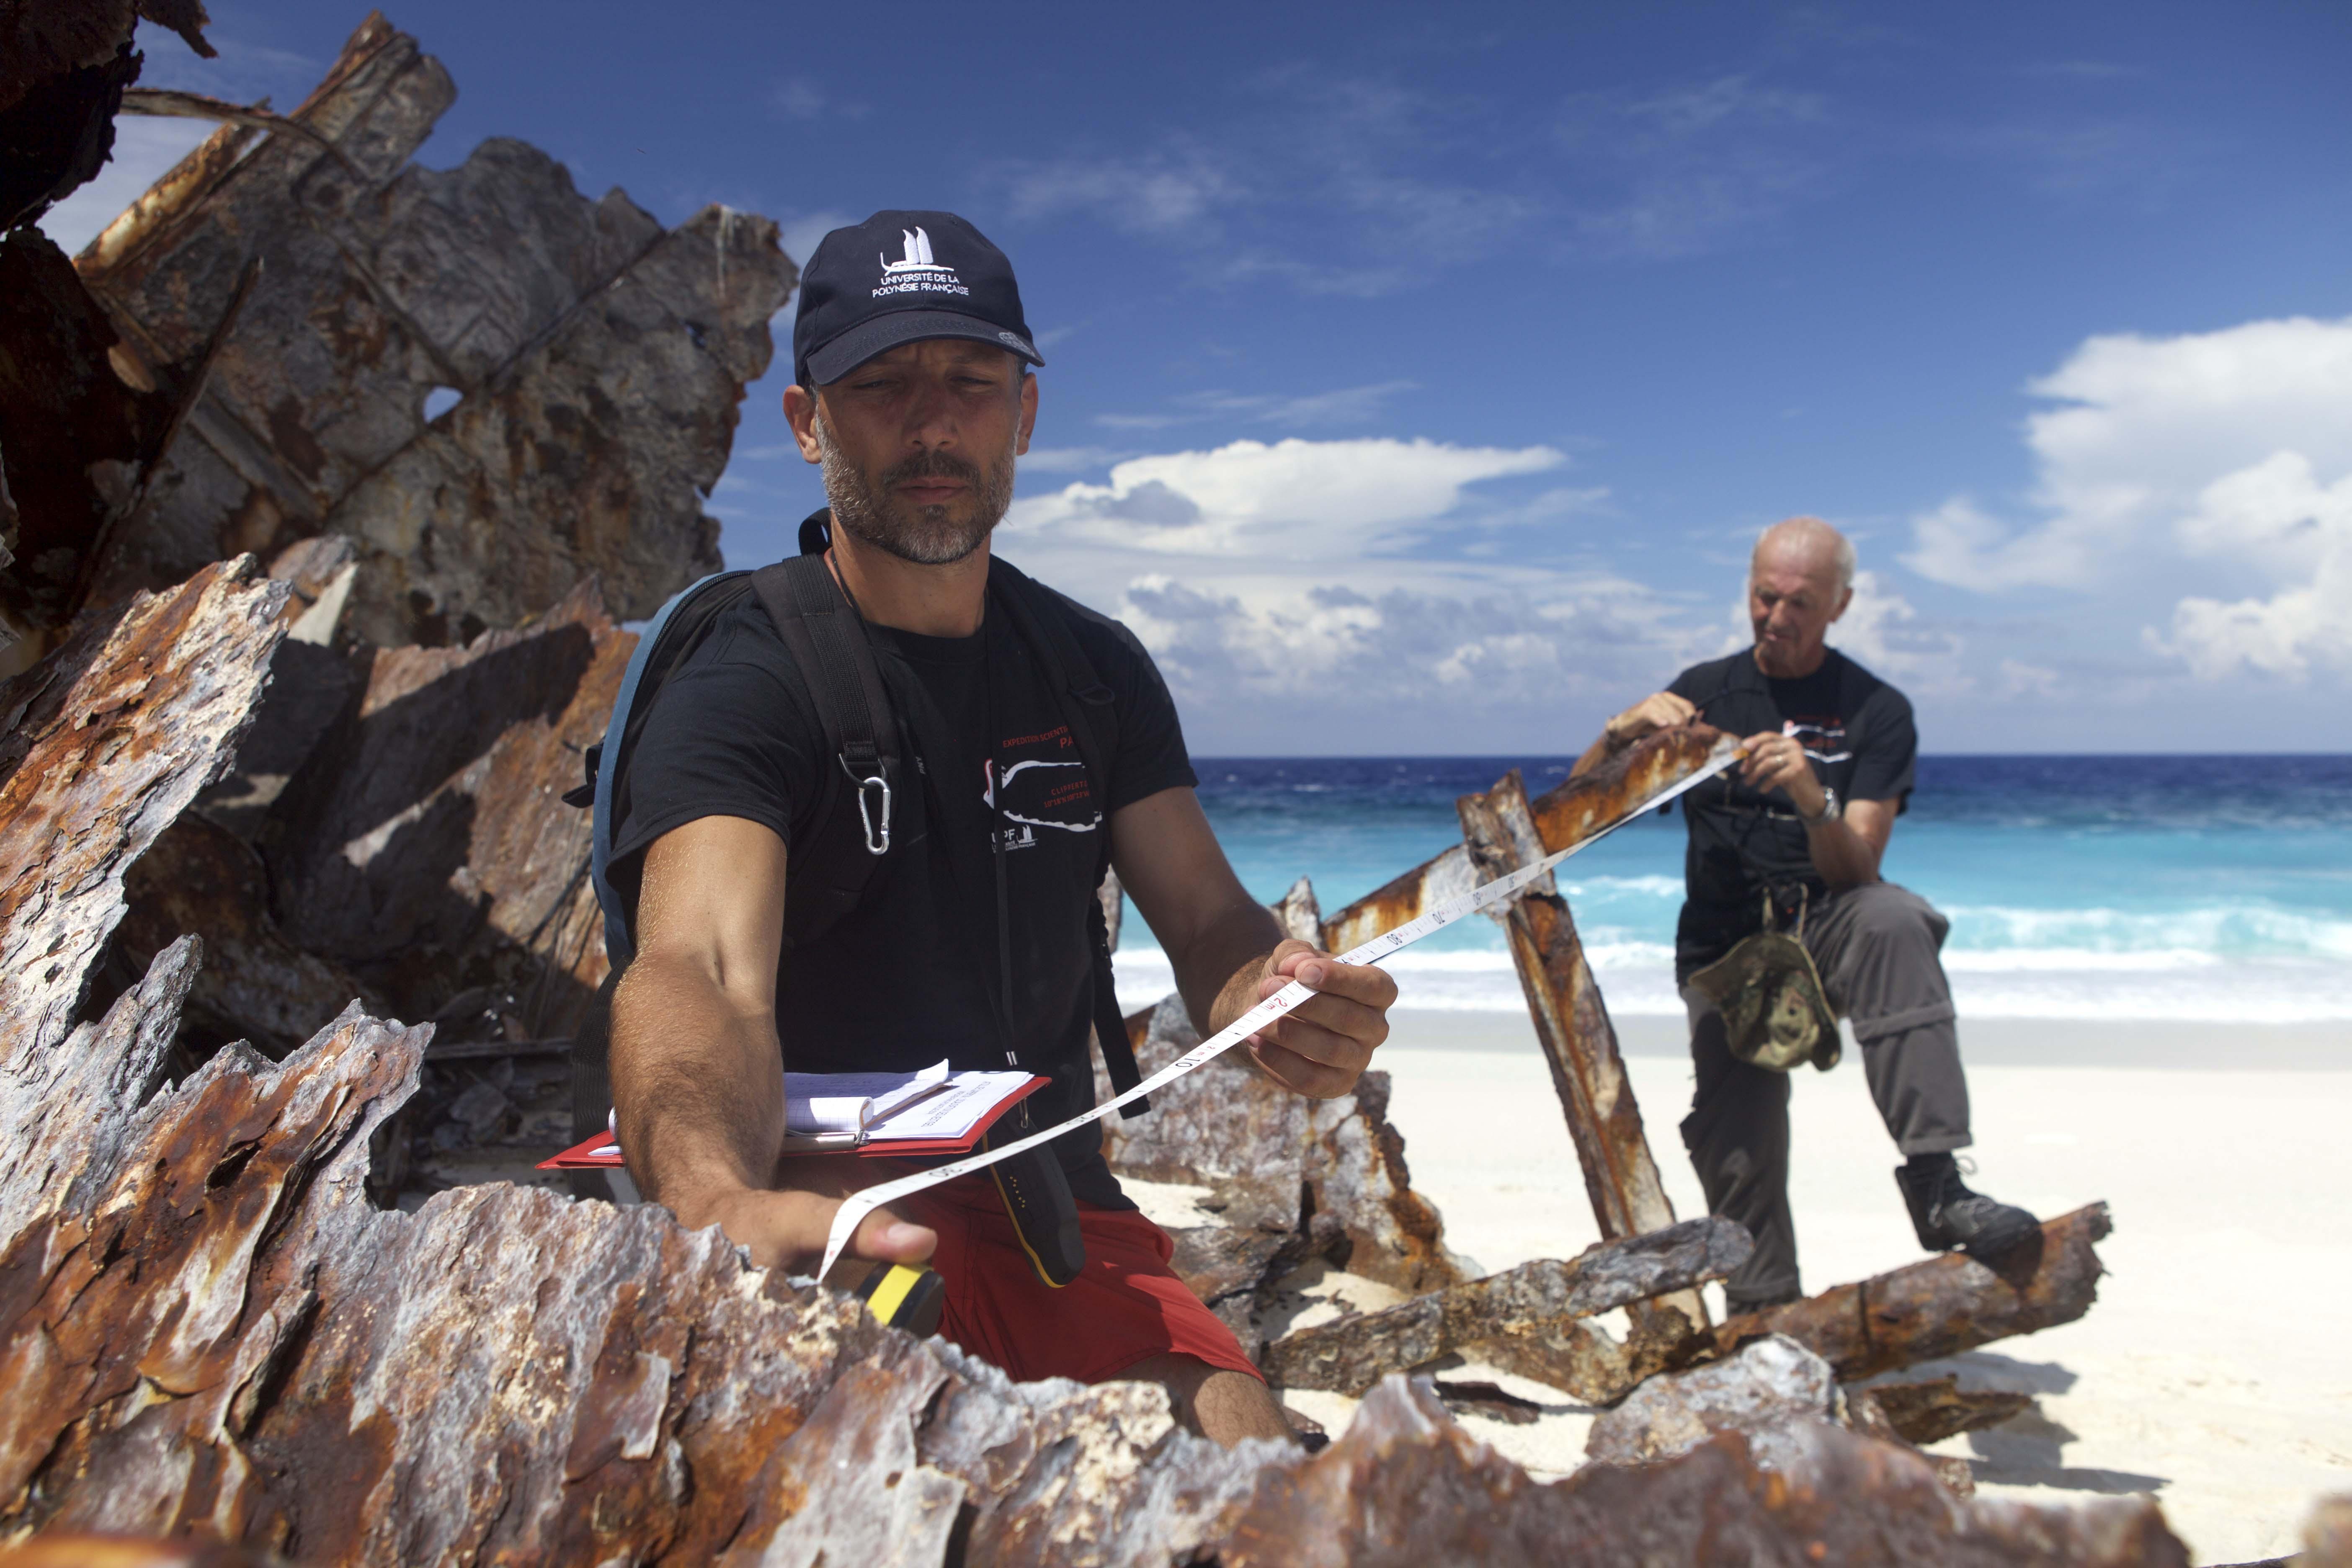 Relevés, identification et mesures des vestiges, restes et déchets sur l'île.